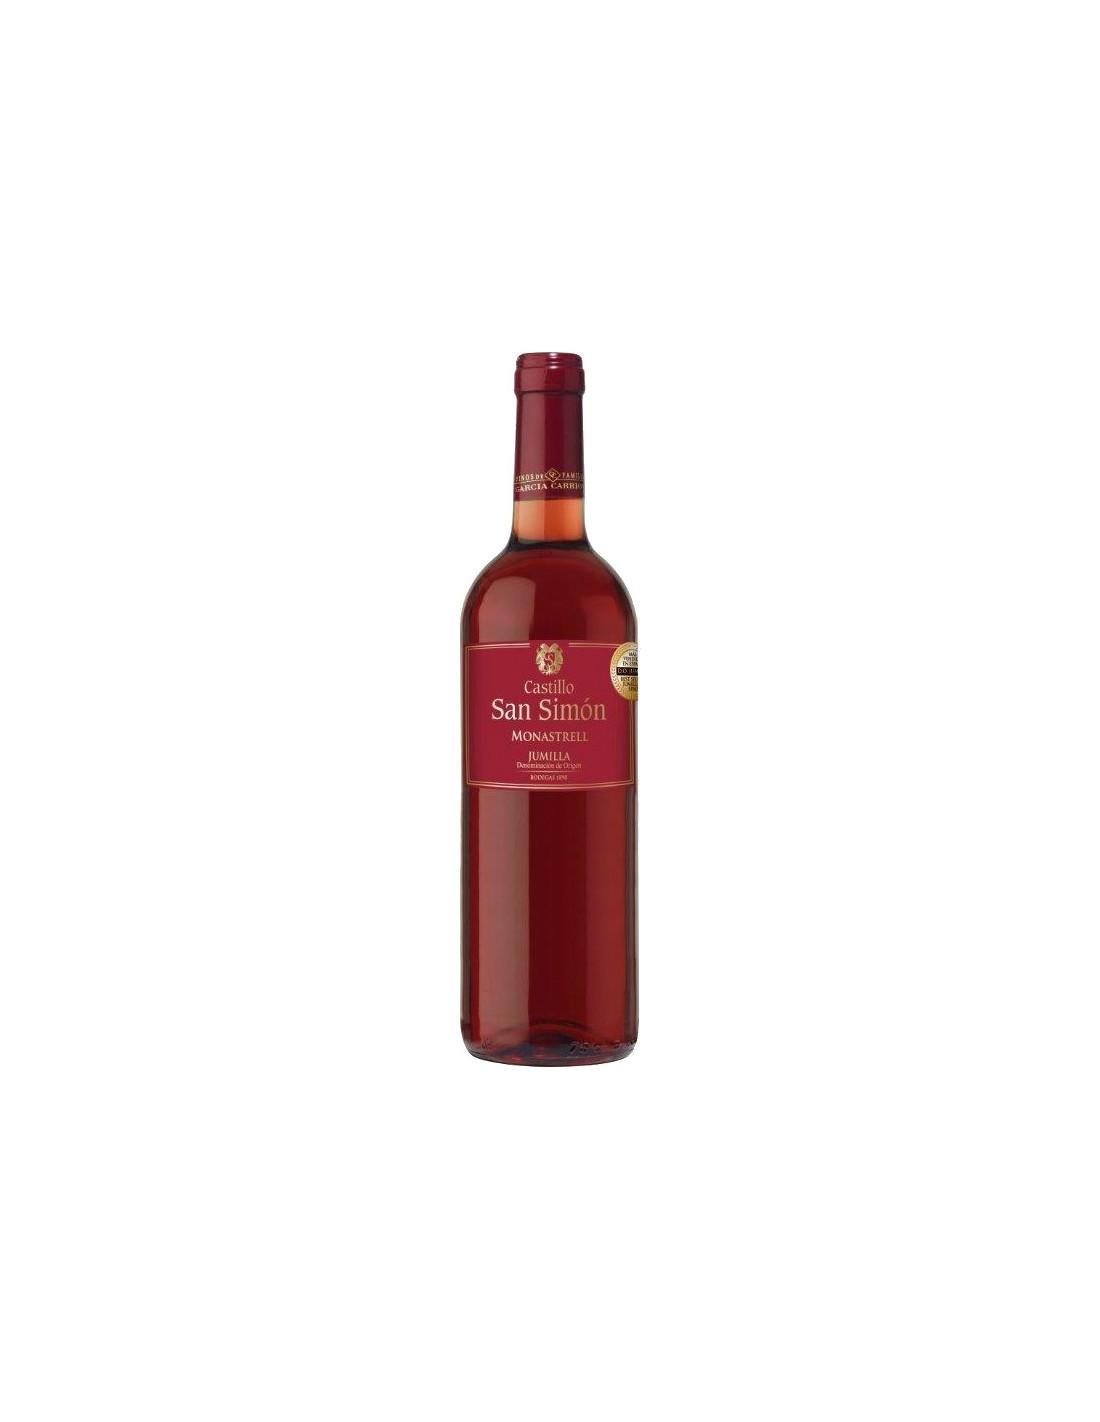 Vin roze, Monastrell, Castillo San Simon Jumilla, 0.75L, Spania